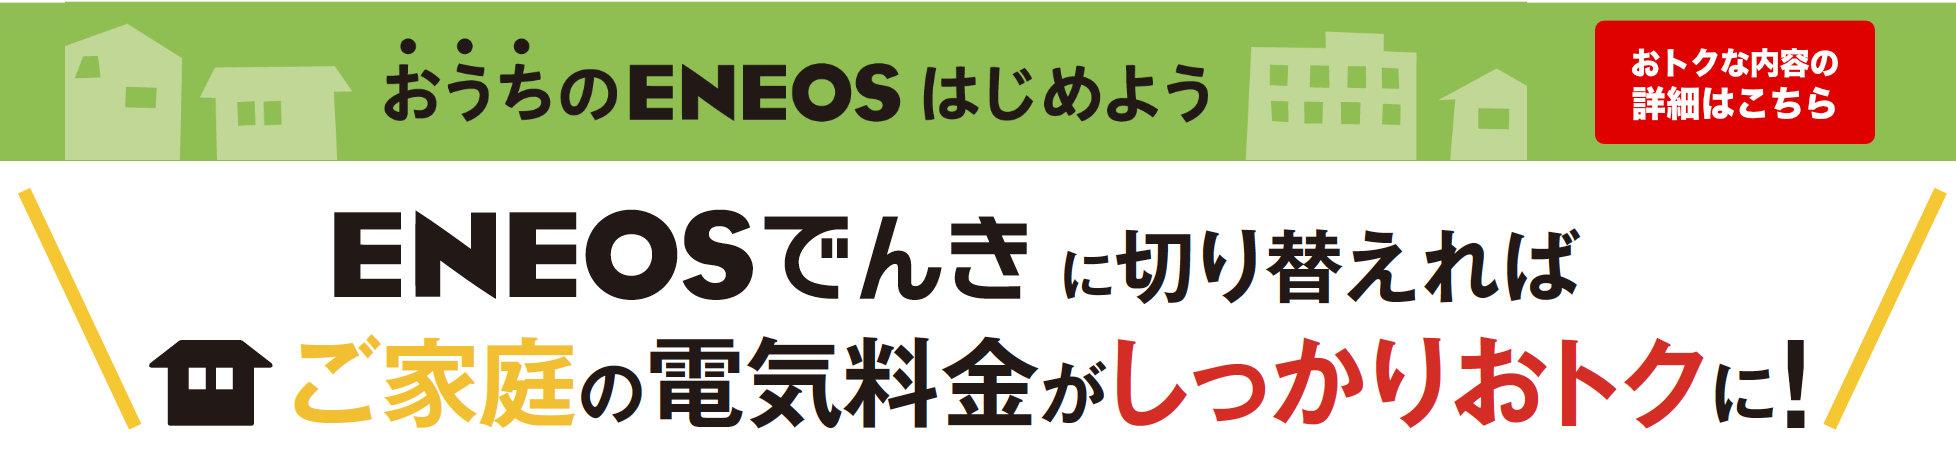 キャンペーン 応援 Eneos 日本